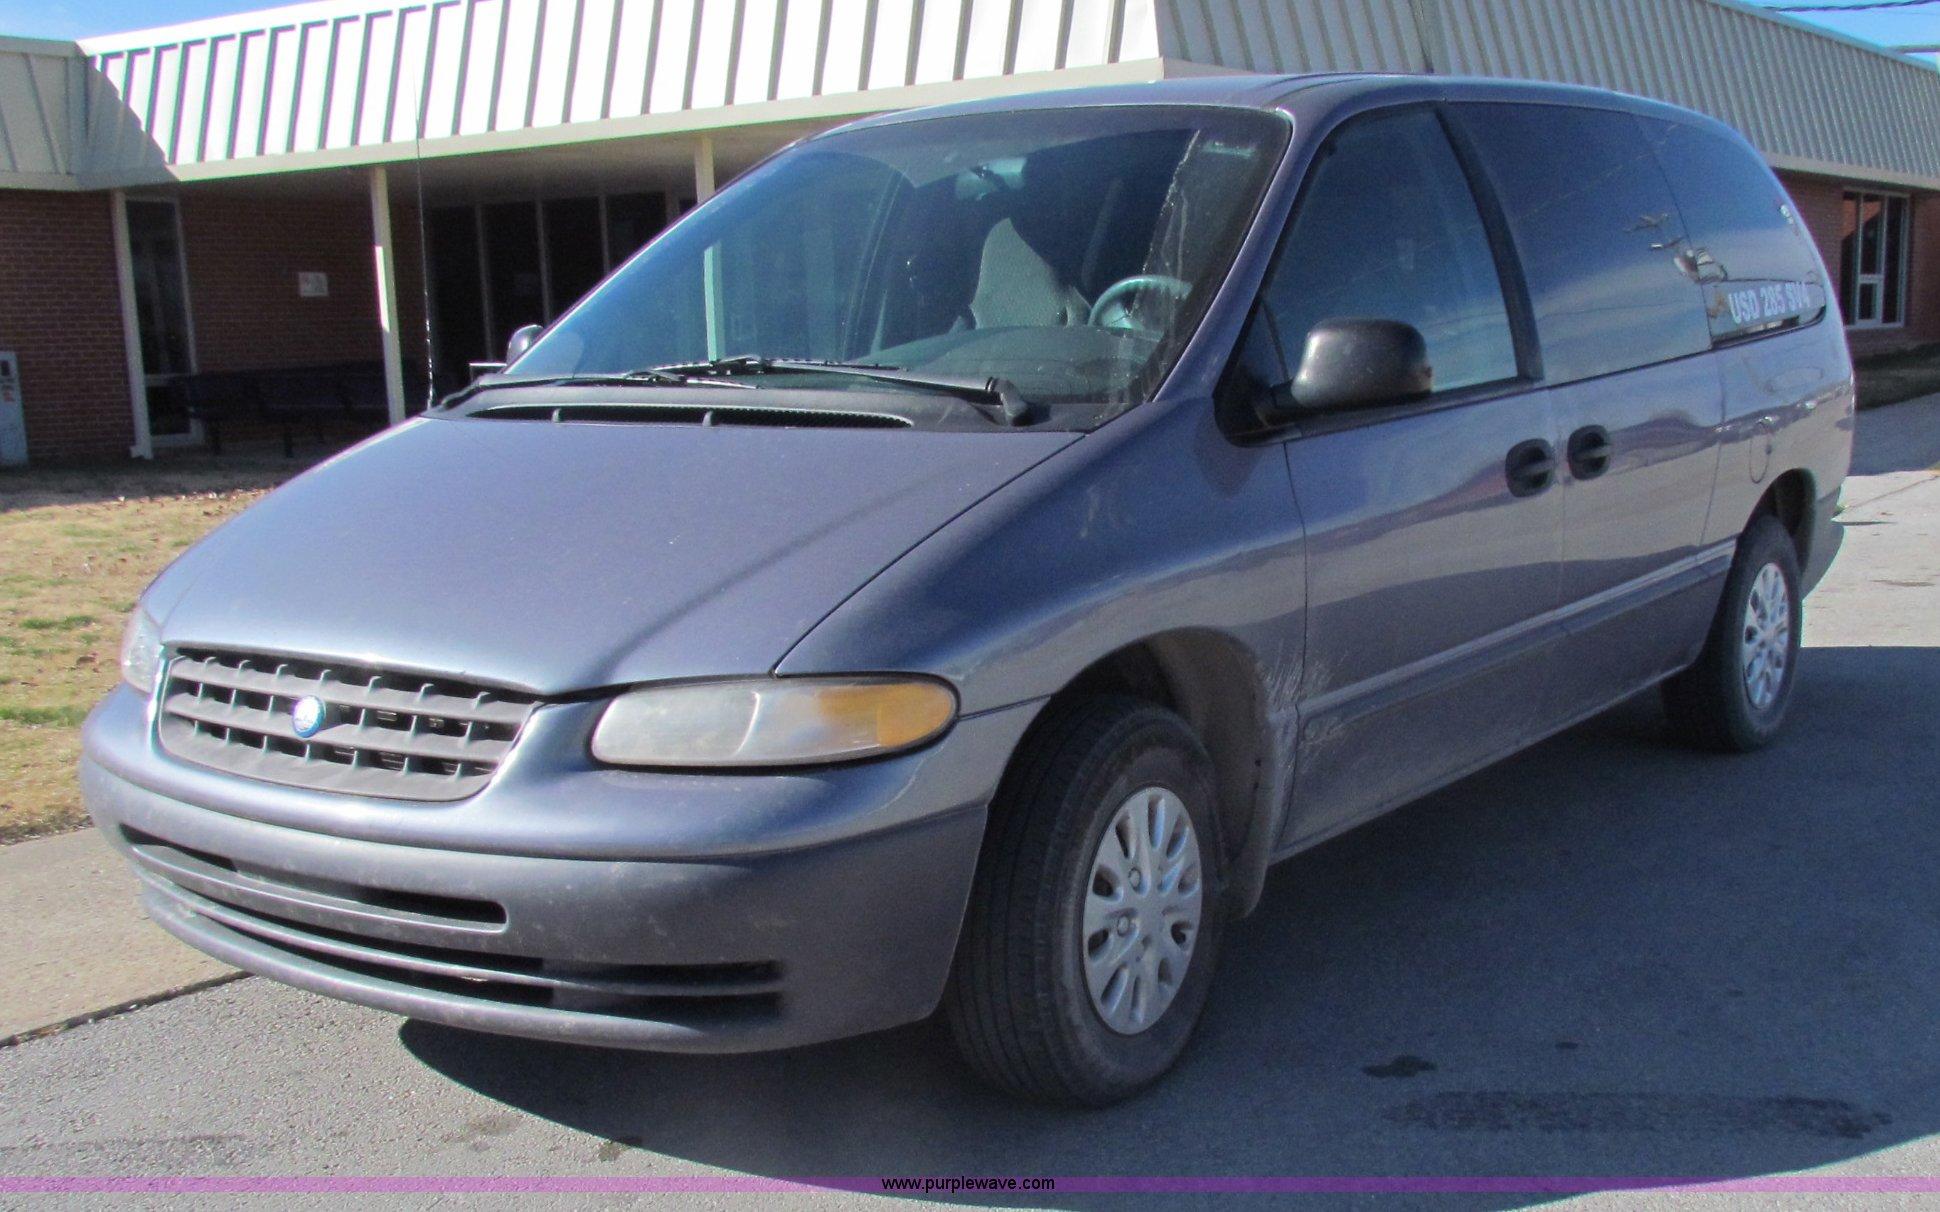 1998 plymouth grand voyager mini van in cedar vale ks item d9171 sold purple wave 1998 plymouth grand voyager mini van in